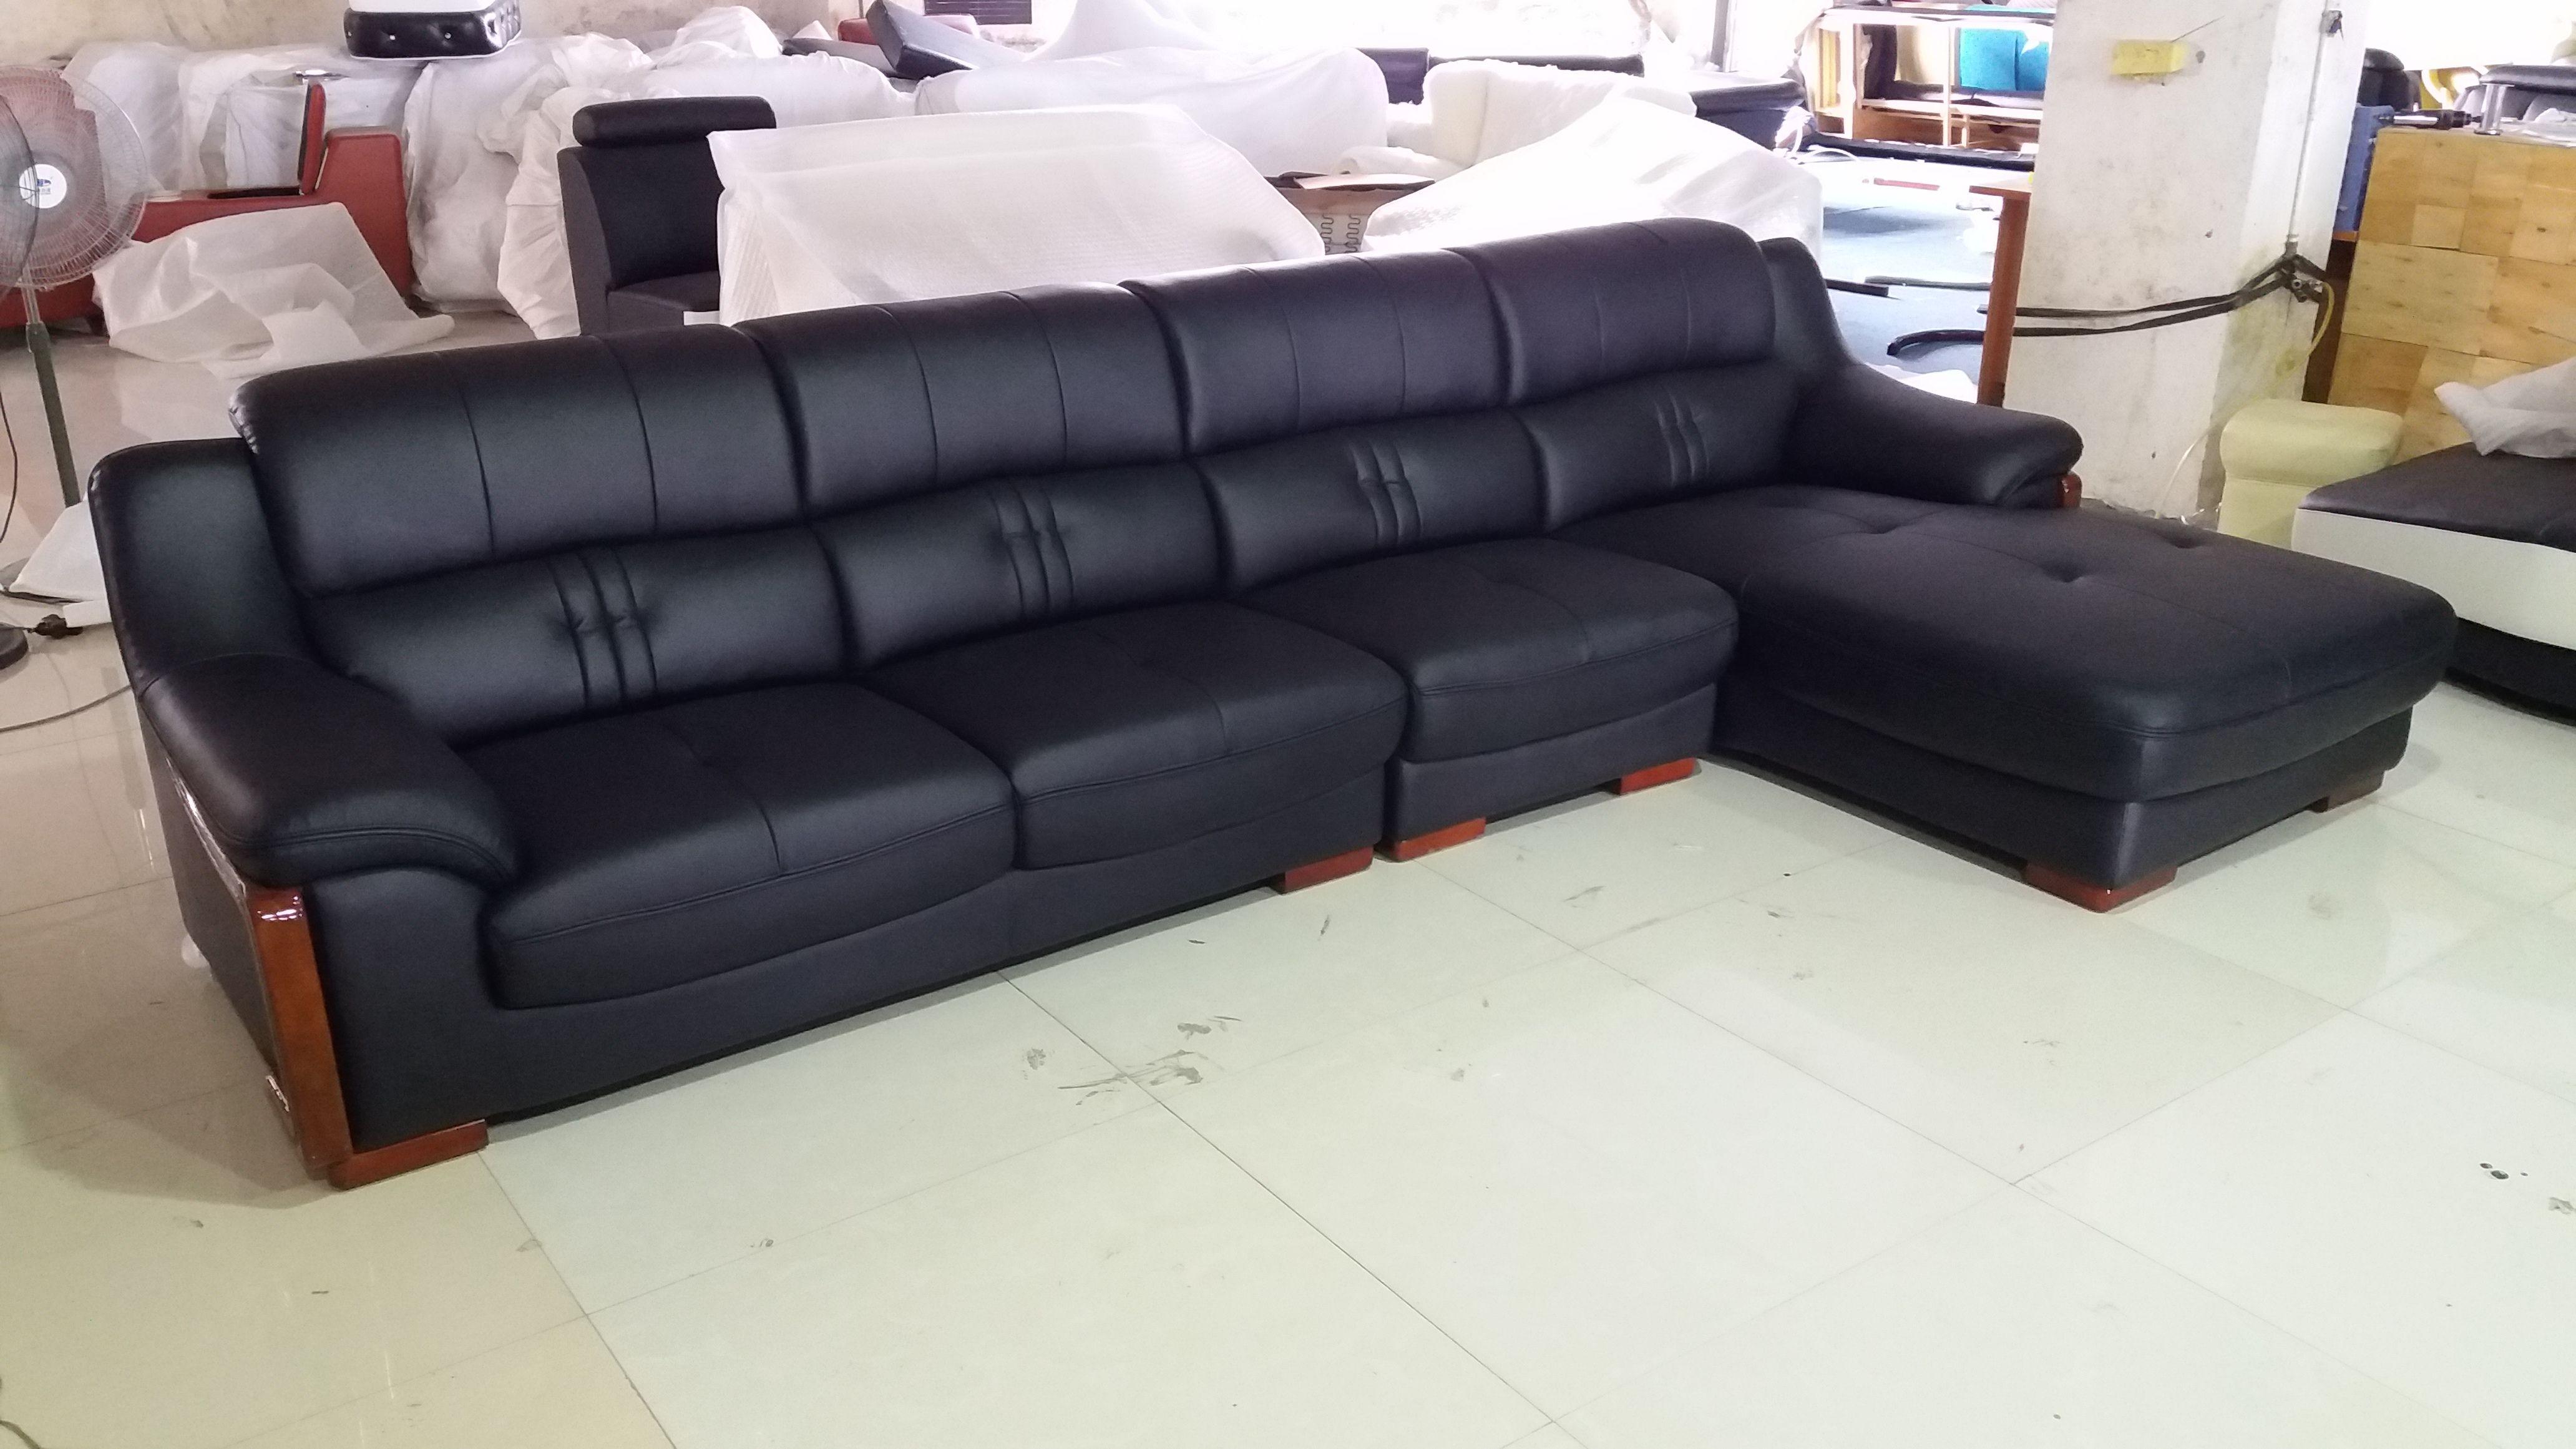 Lz2190 Factory Pic Sofa L Shape Sofa Set Leather Sofa